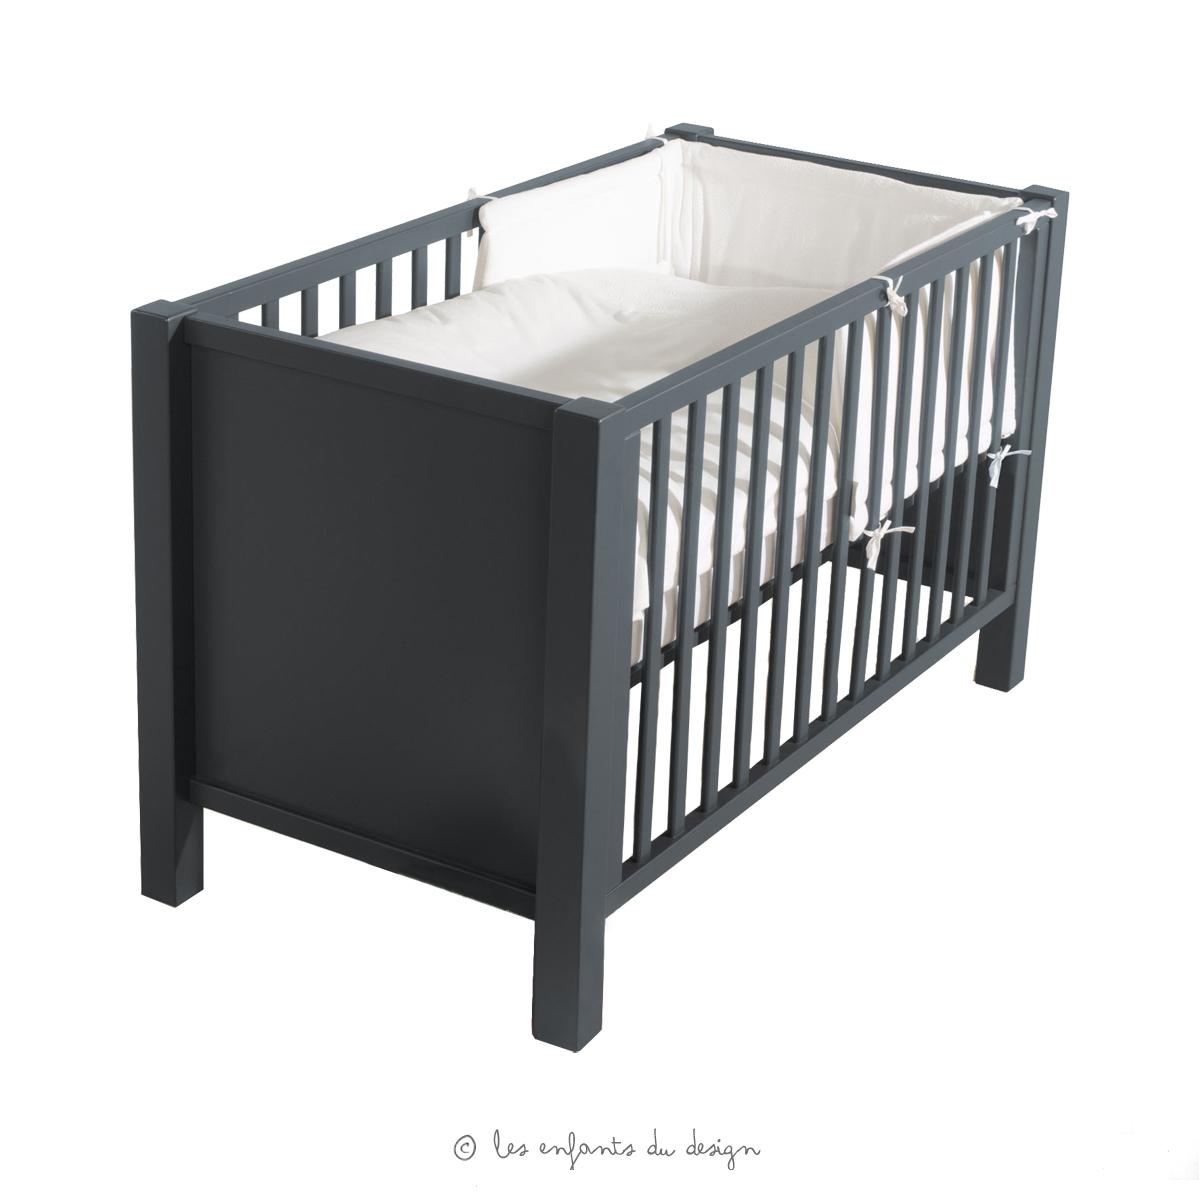 Cuisine Ikea Arsta Avis : Accueil > Mobilier > Berceaux et lits > Lit bébé > Lit bébé Marie